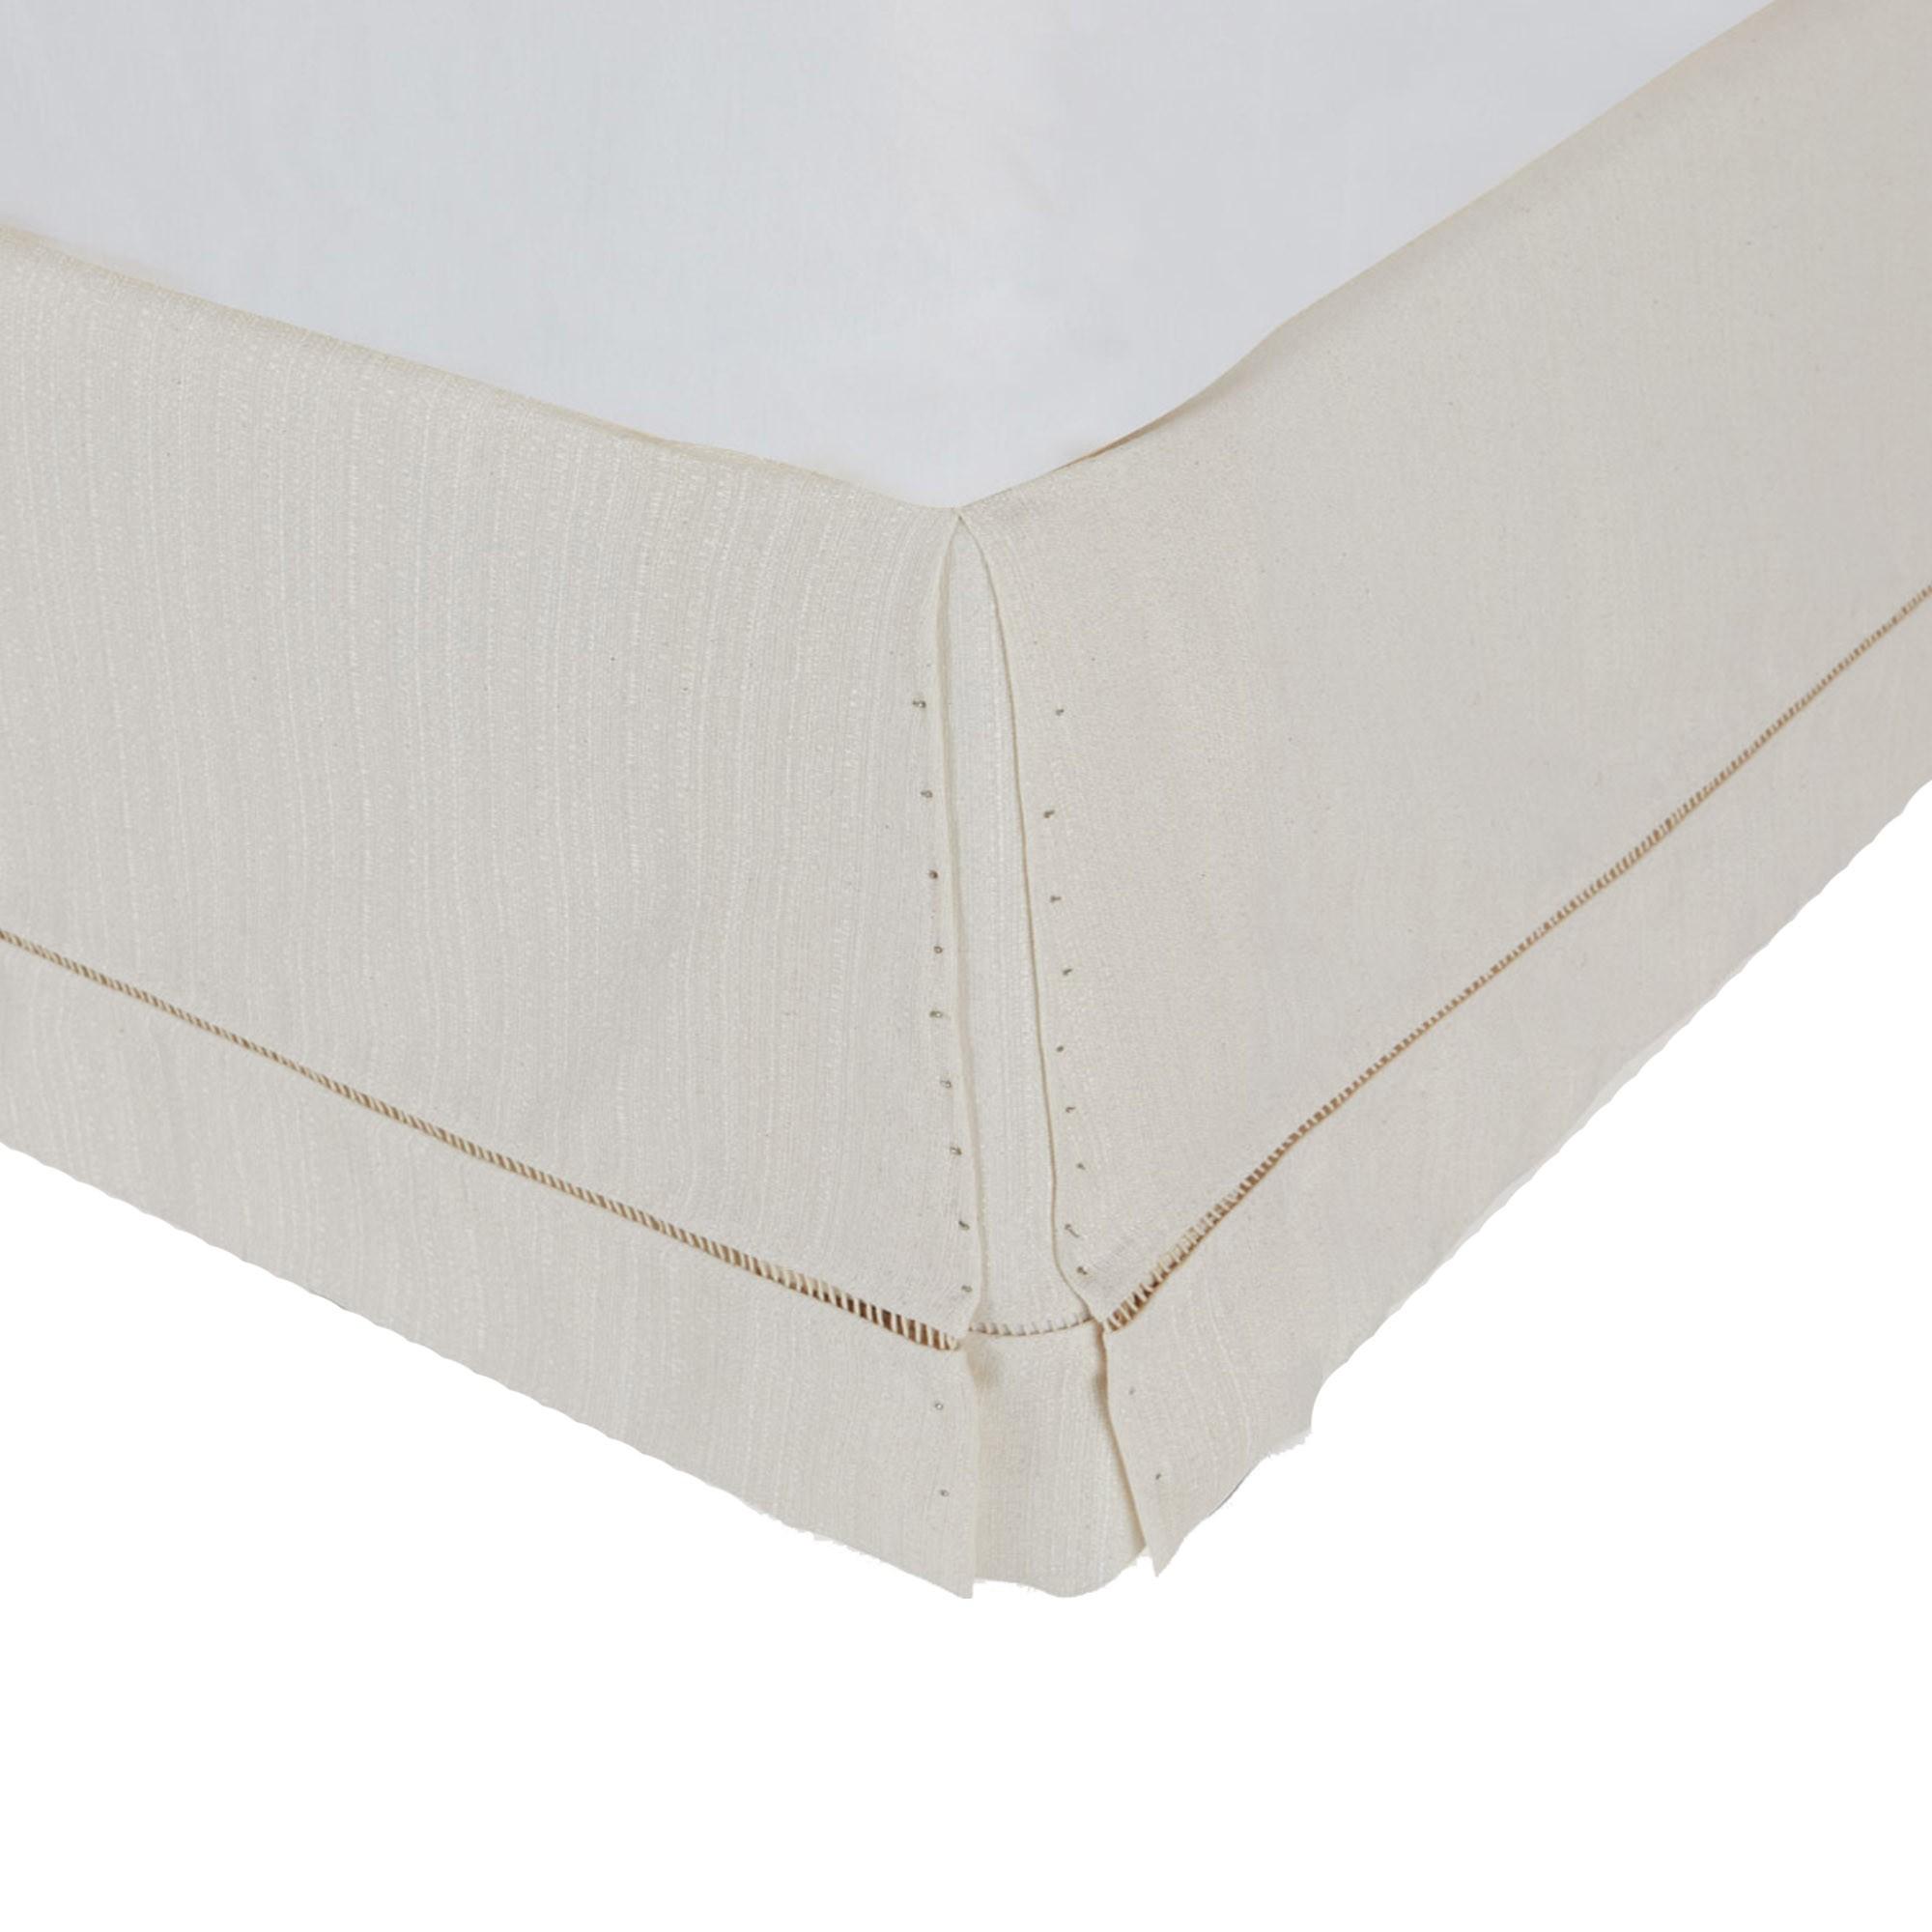 Saia para Cama Box com Ponto Palito Bege [Queen 158 x 198 cm]